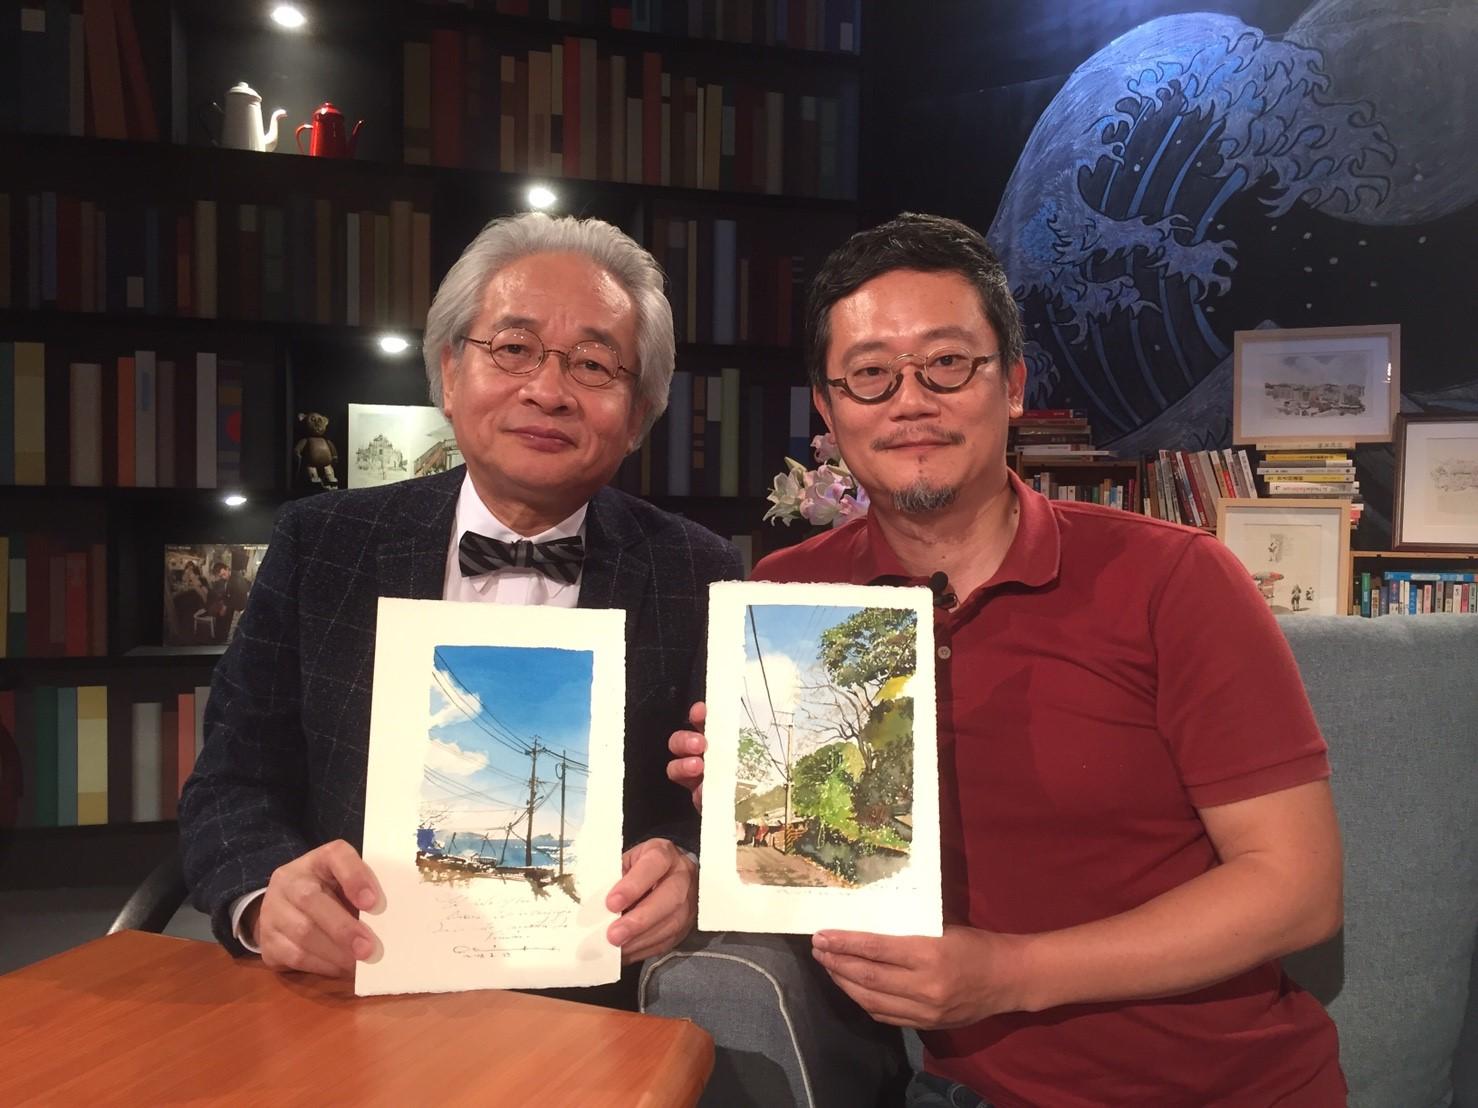 民視「夜深人未靜」力邀畫家王傑 談談何謂「基隆熱」